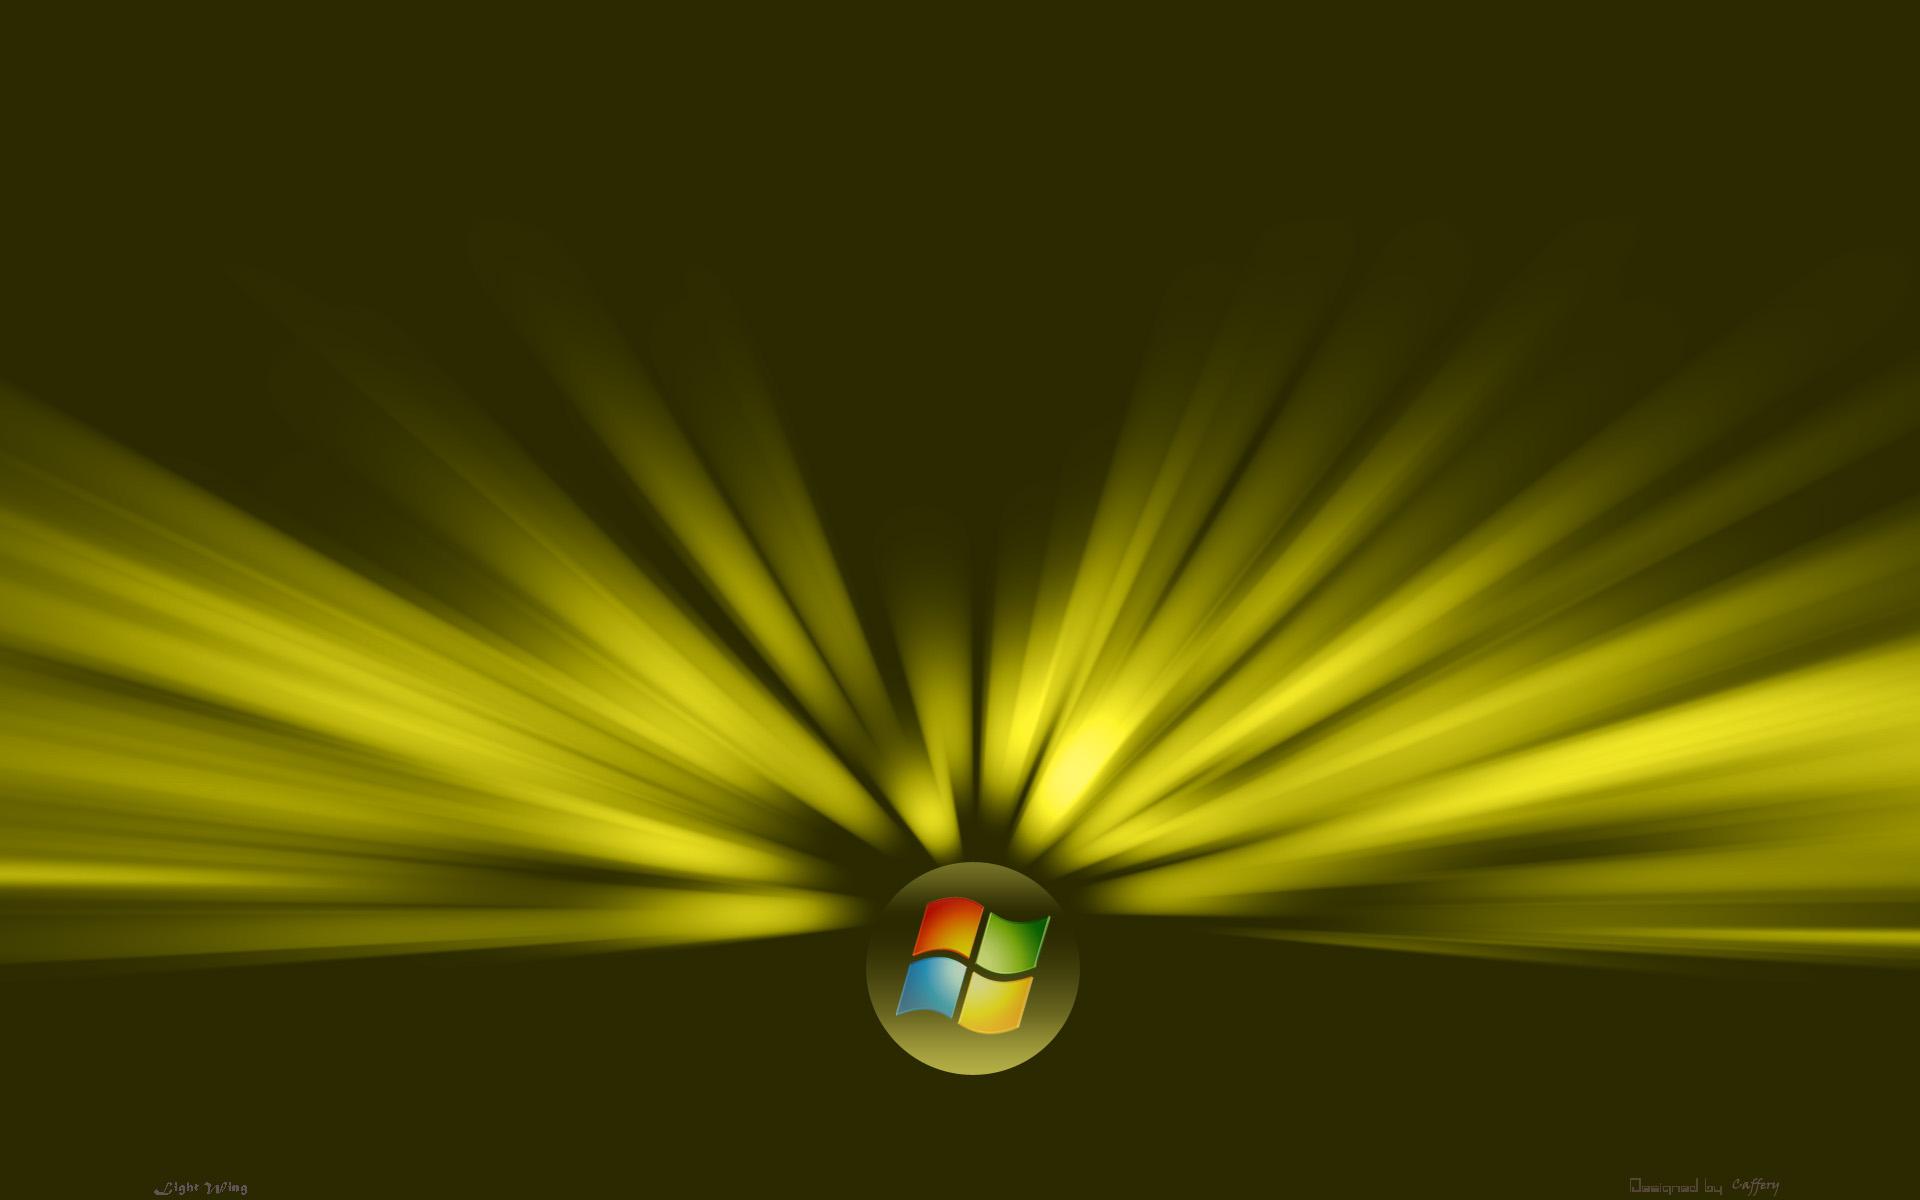 wallpaper yellow light windows vista 1920x1200 1920x1200